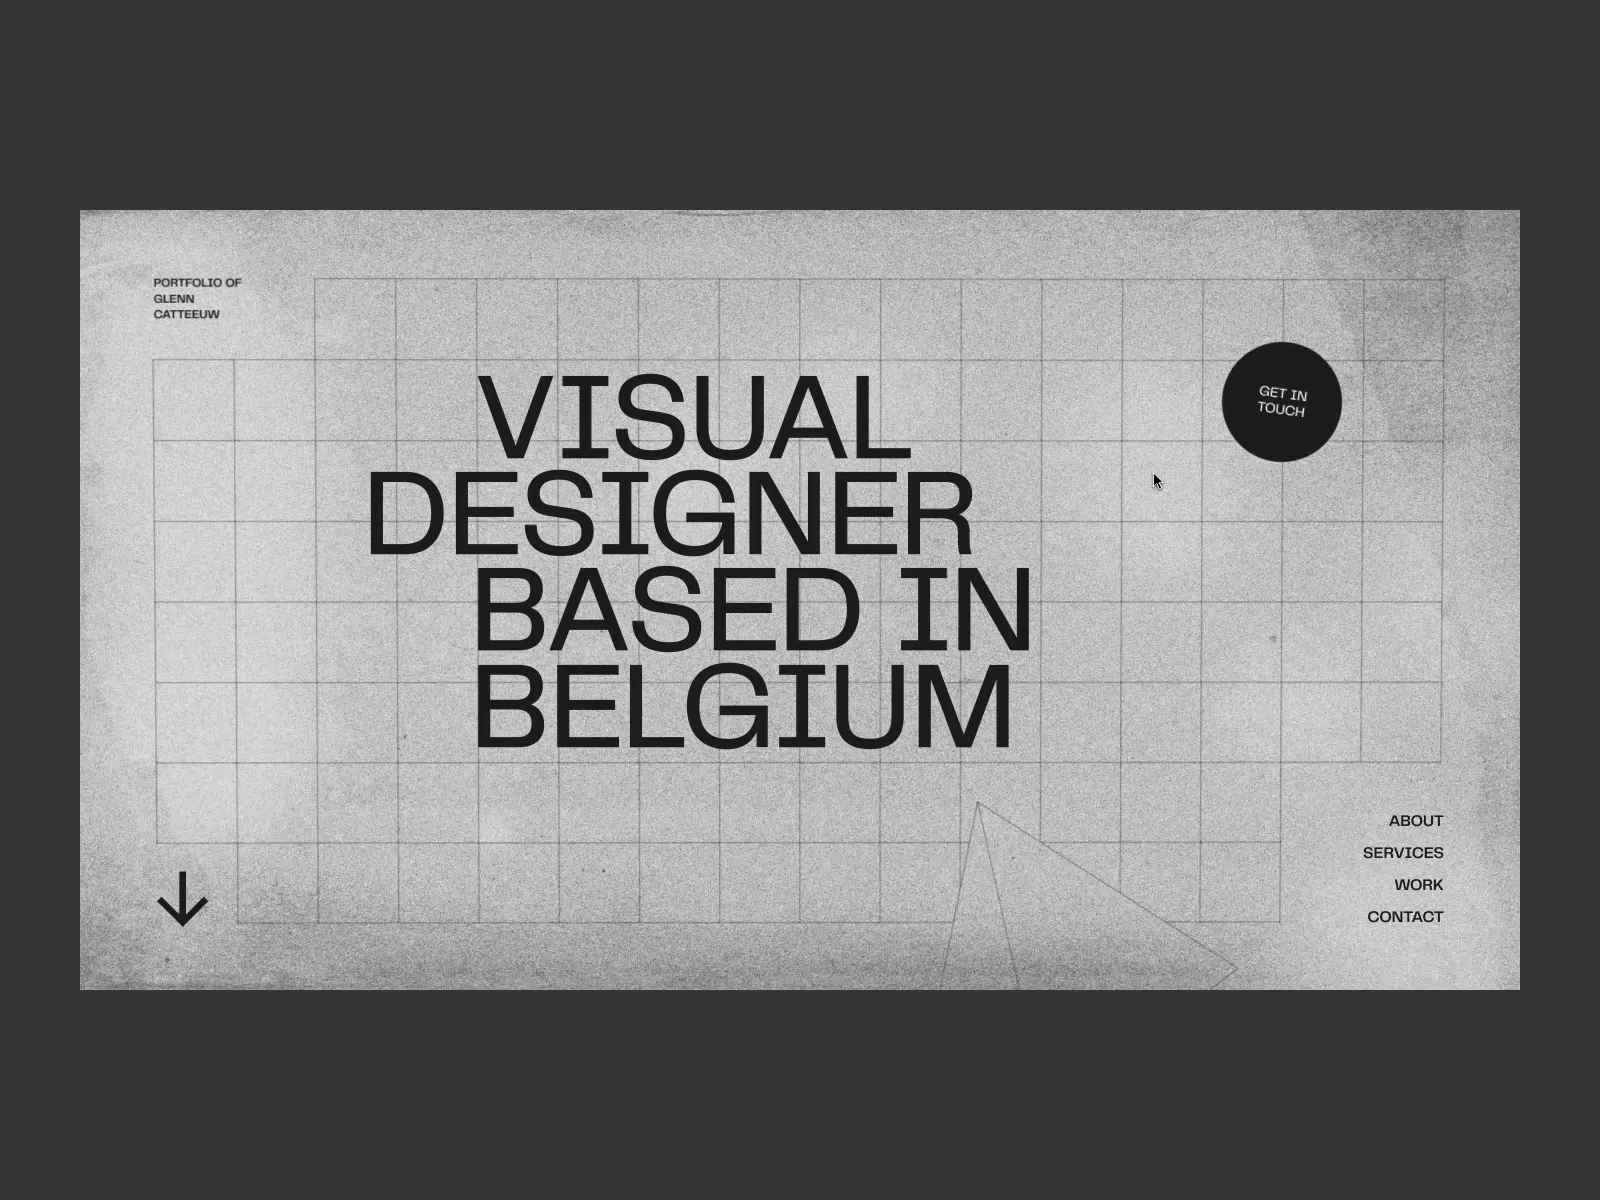 Glenn Catteeuw Portfolio 2020 By Glenn Catteeuw In 2020 Website Header Design Web Design Web App Design